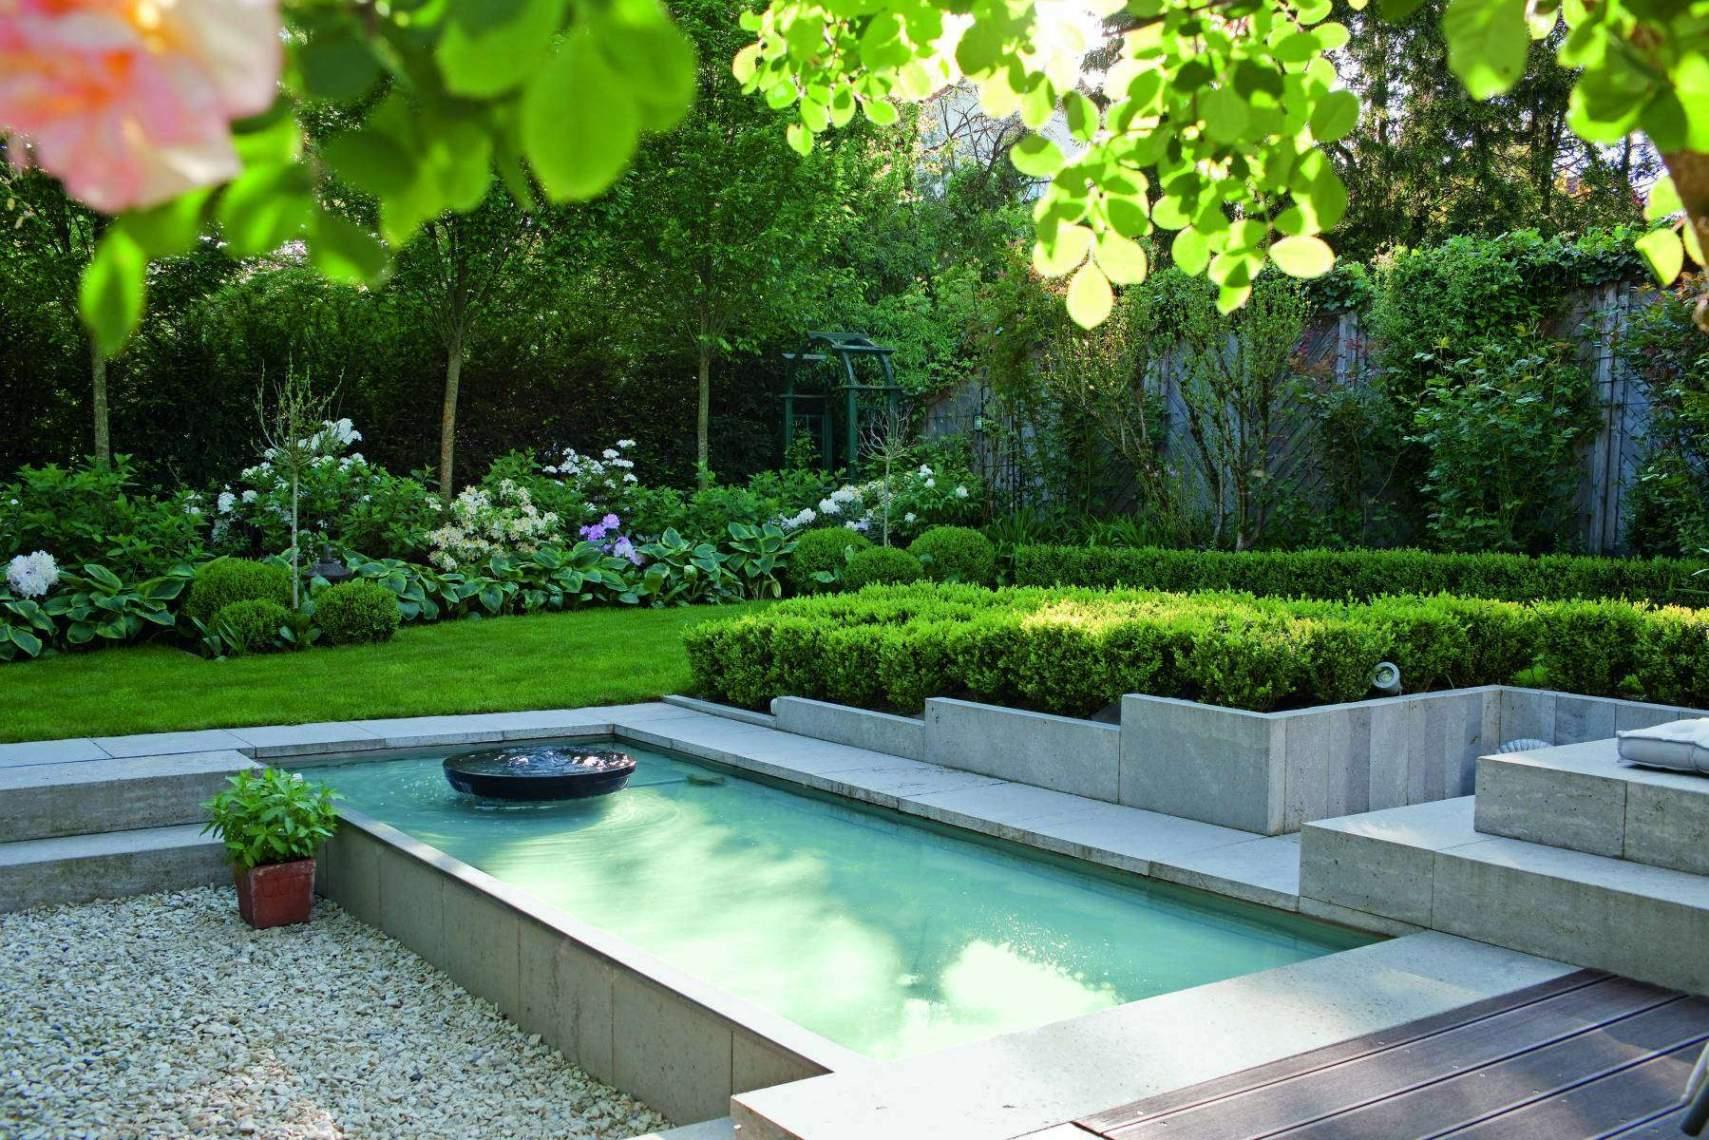 Schwimmingpools Für Den Garten Schön Kleine Pools Für Kleine Gärten — Temobardz Home Blog